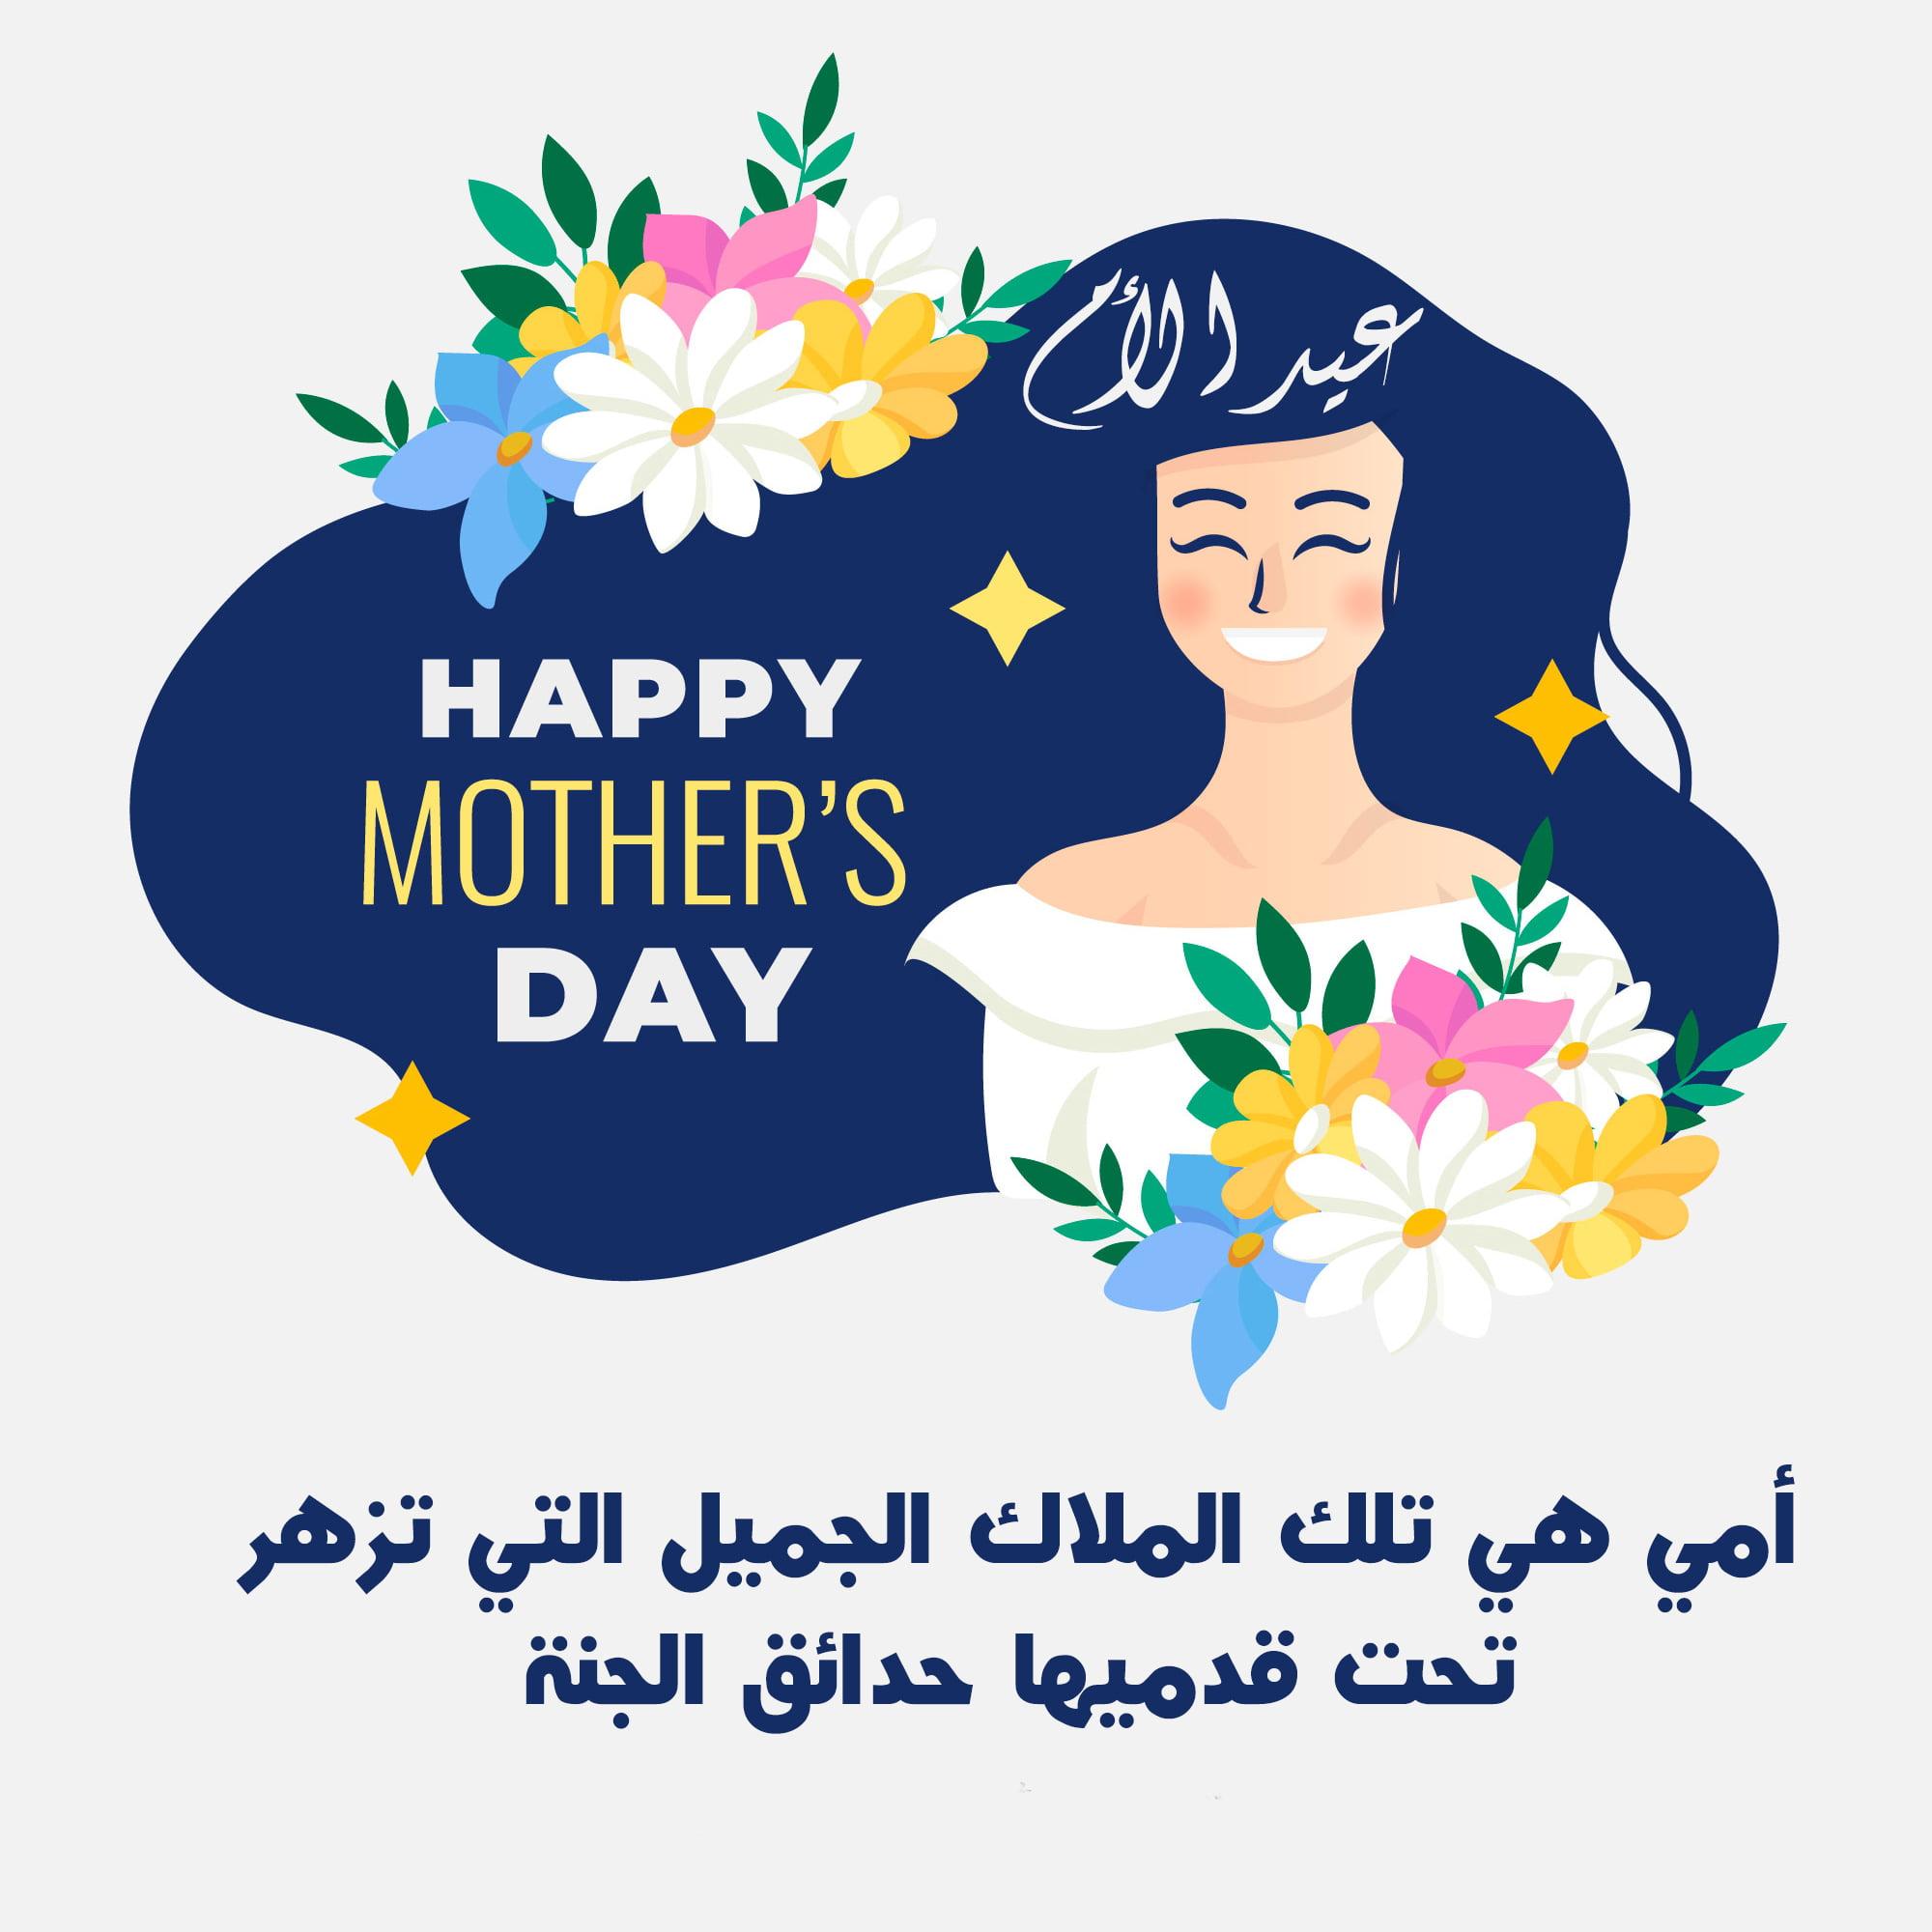 تهنئة عيد الام بالصور اجمل الصور المعبرة عن عيد الام